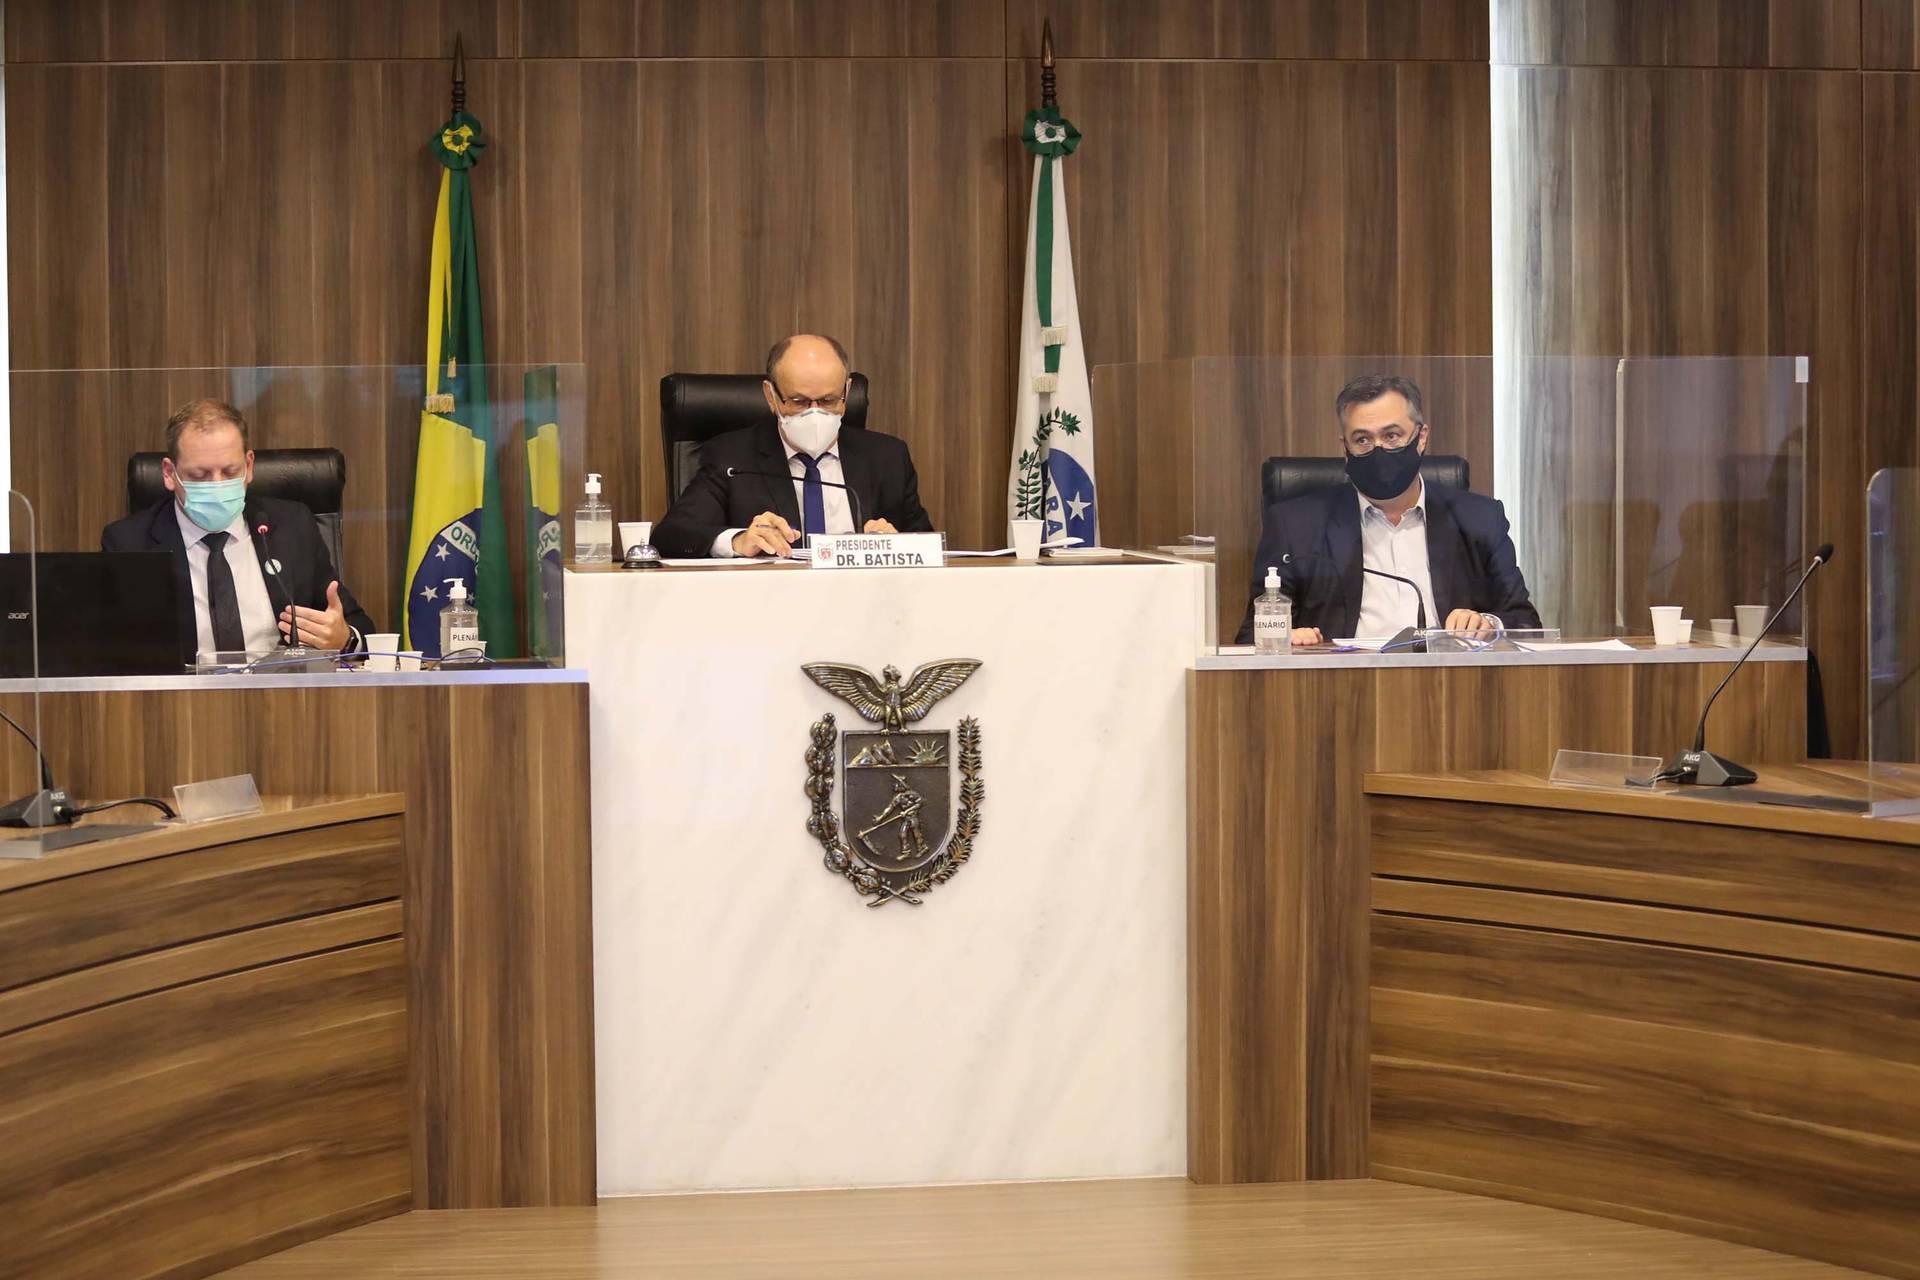 Saúde do Paraná assegura R$ 1,3 bilhão em investimento e custeio no primeiro quadrimestre de 2021